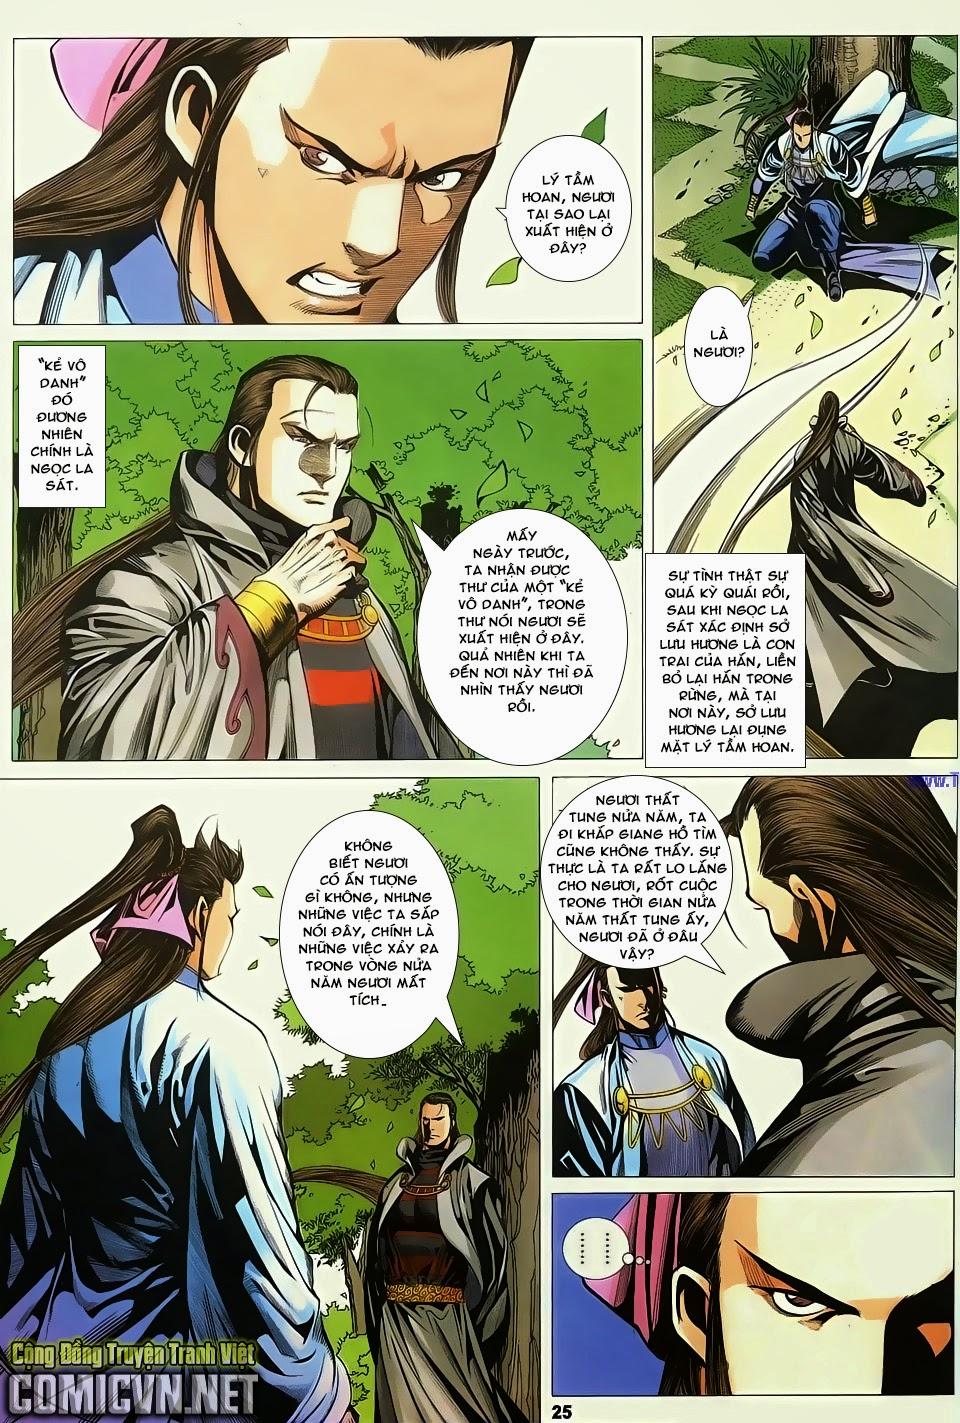 Cổ Long Quần Hiệp Truyện chap 83 - Trang 25